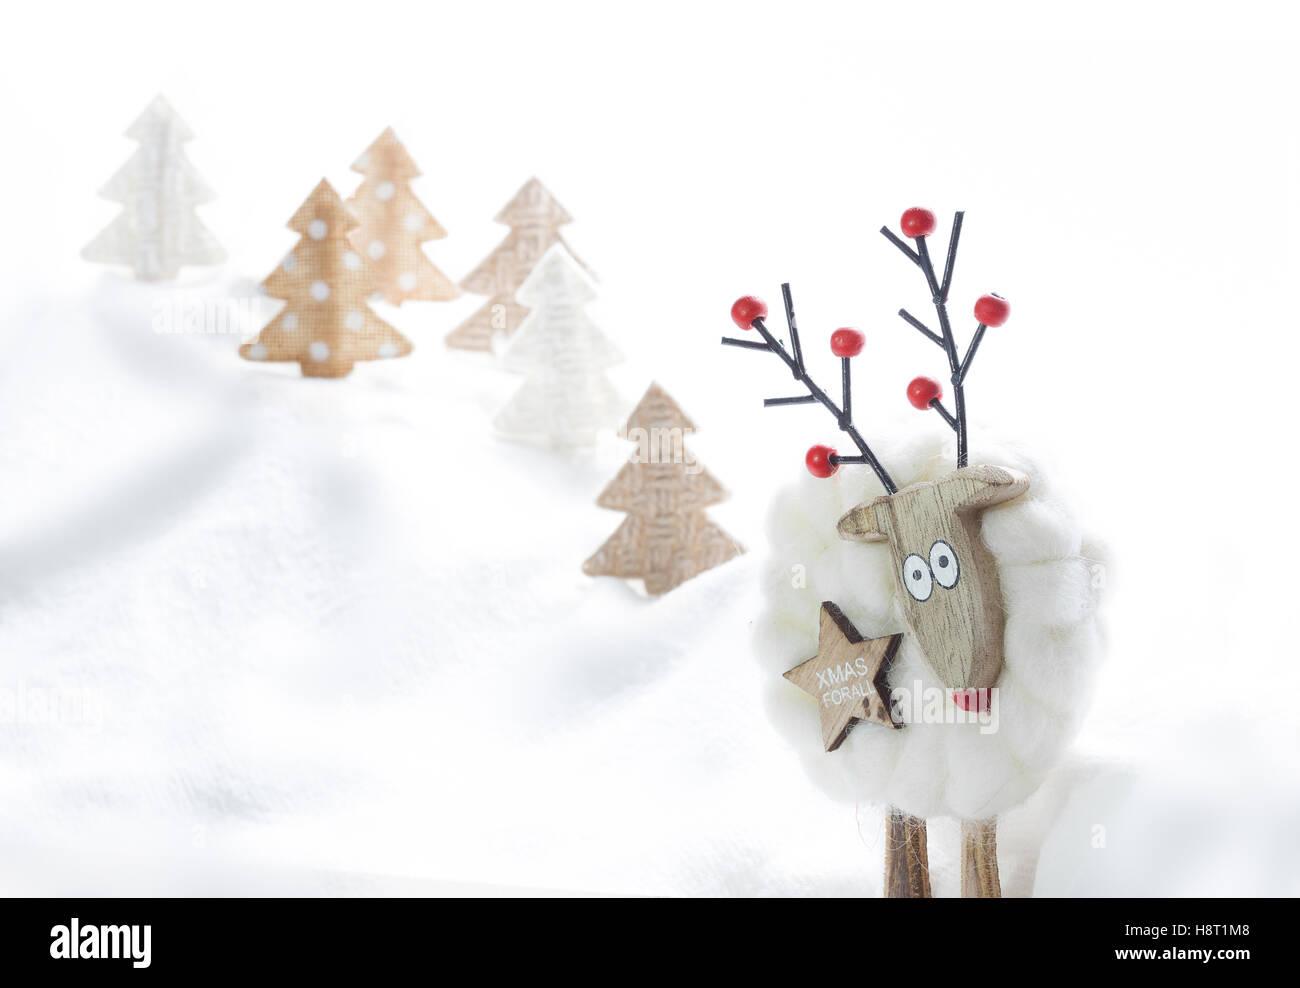 Funny Christmas Card Christmas Ornaments Reindeer Selfie Space